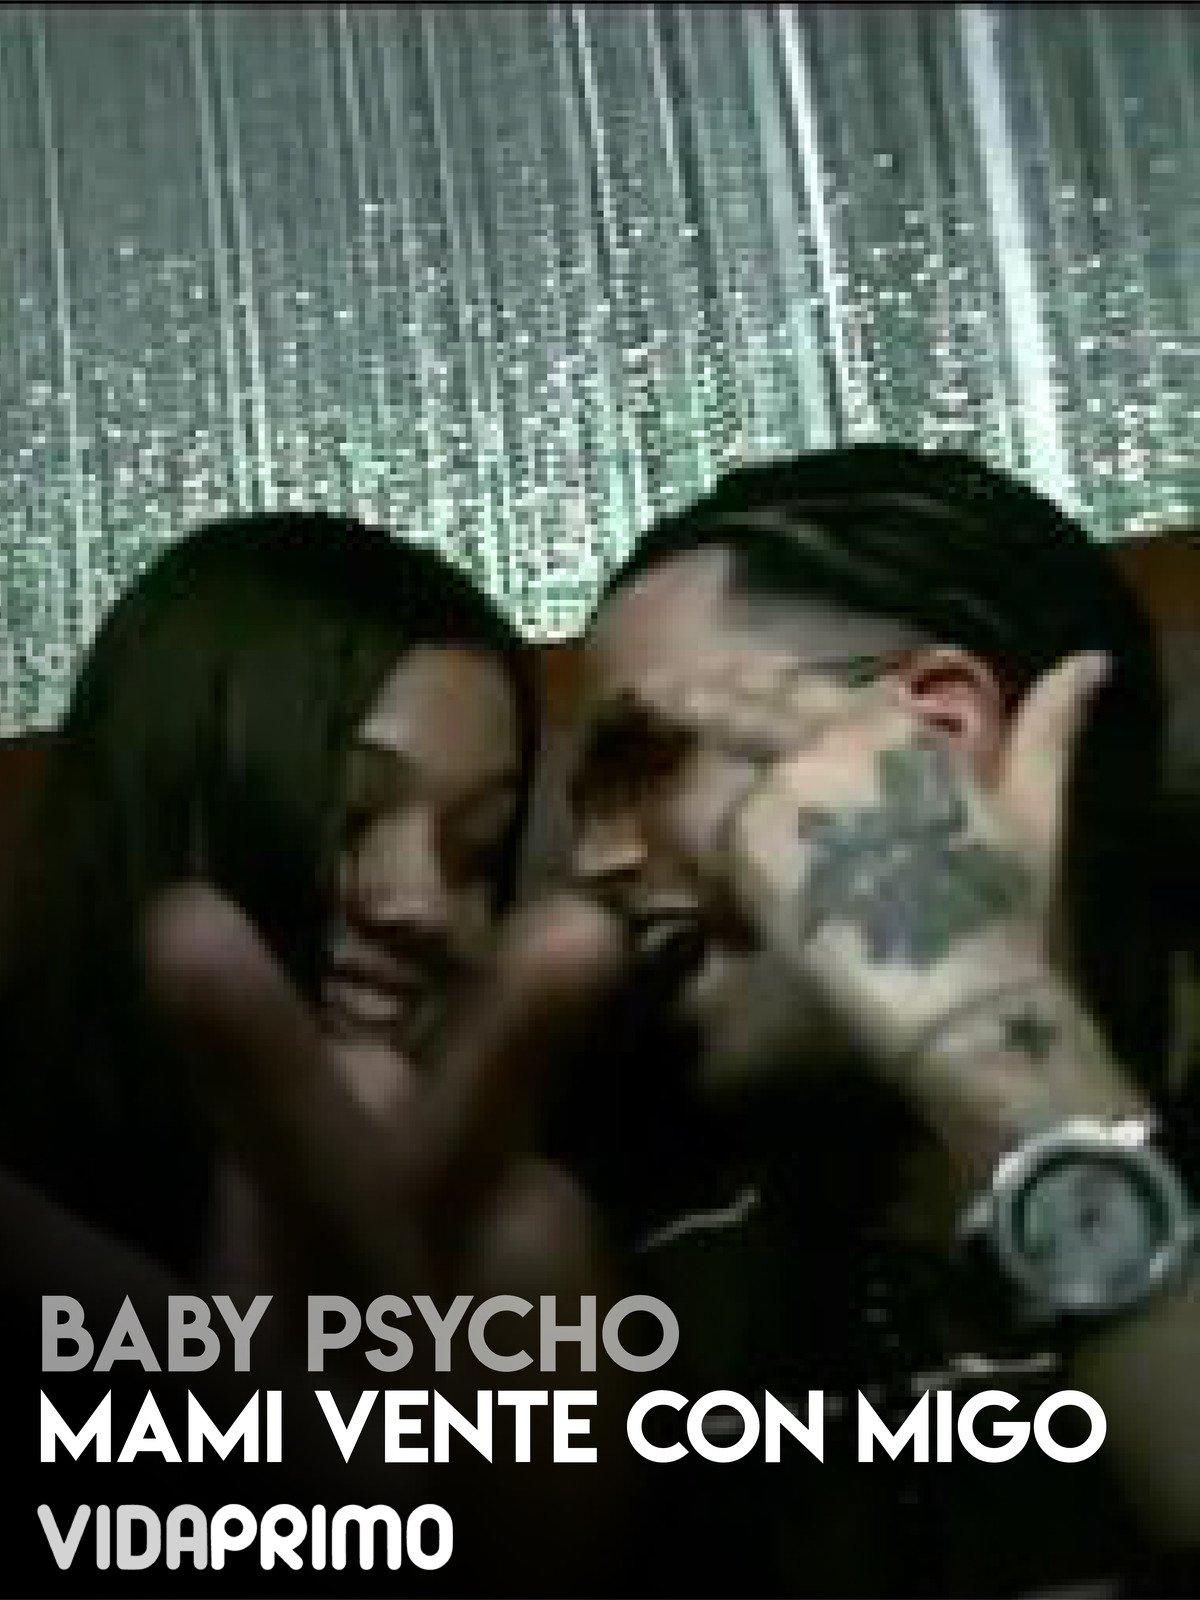 Baby Psycho